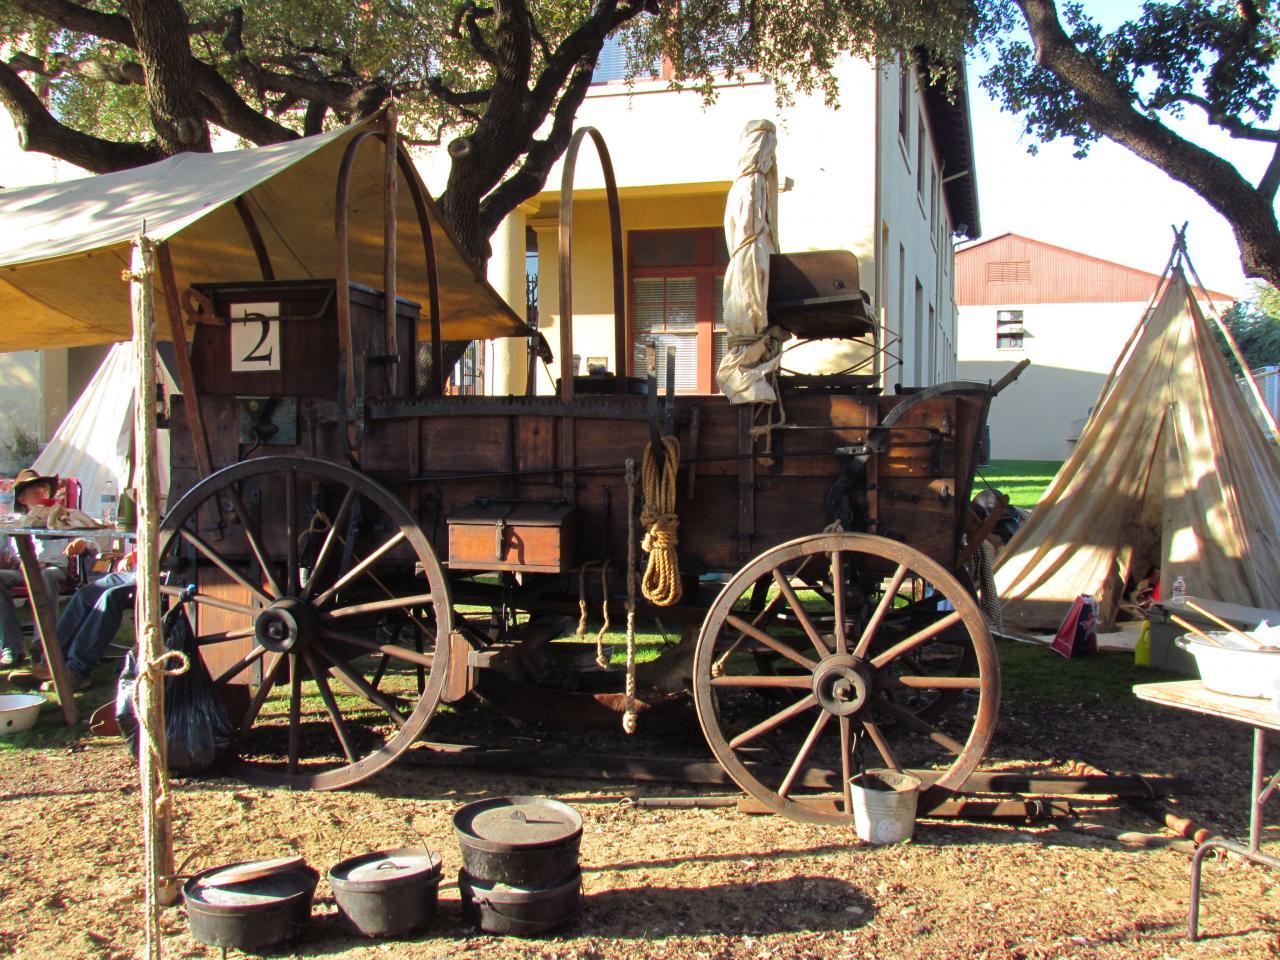 FORT WORTH DALLAS Week-end cow-boy et petite maison dans la prairie